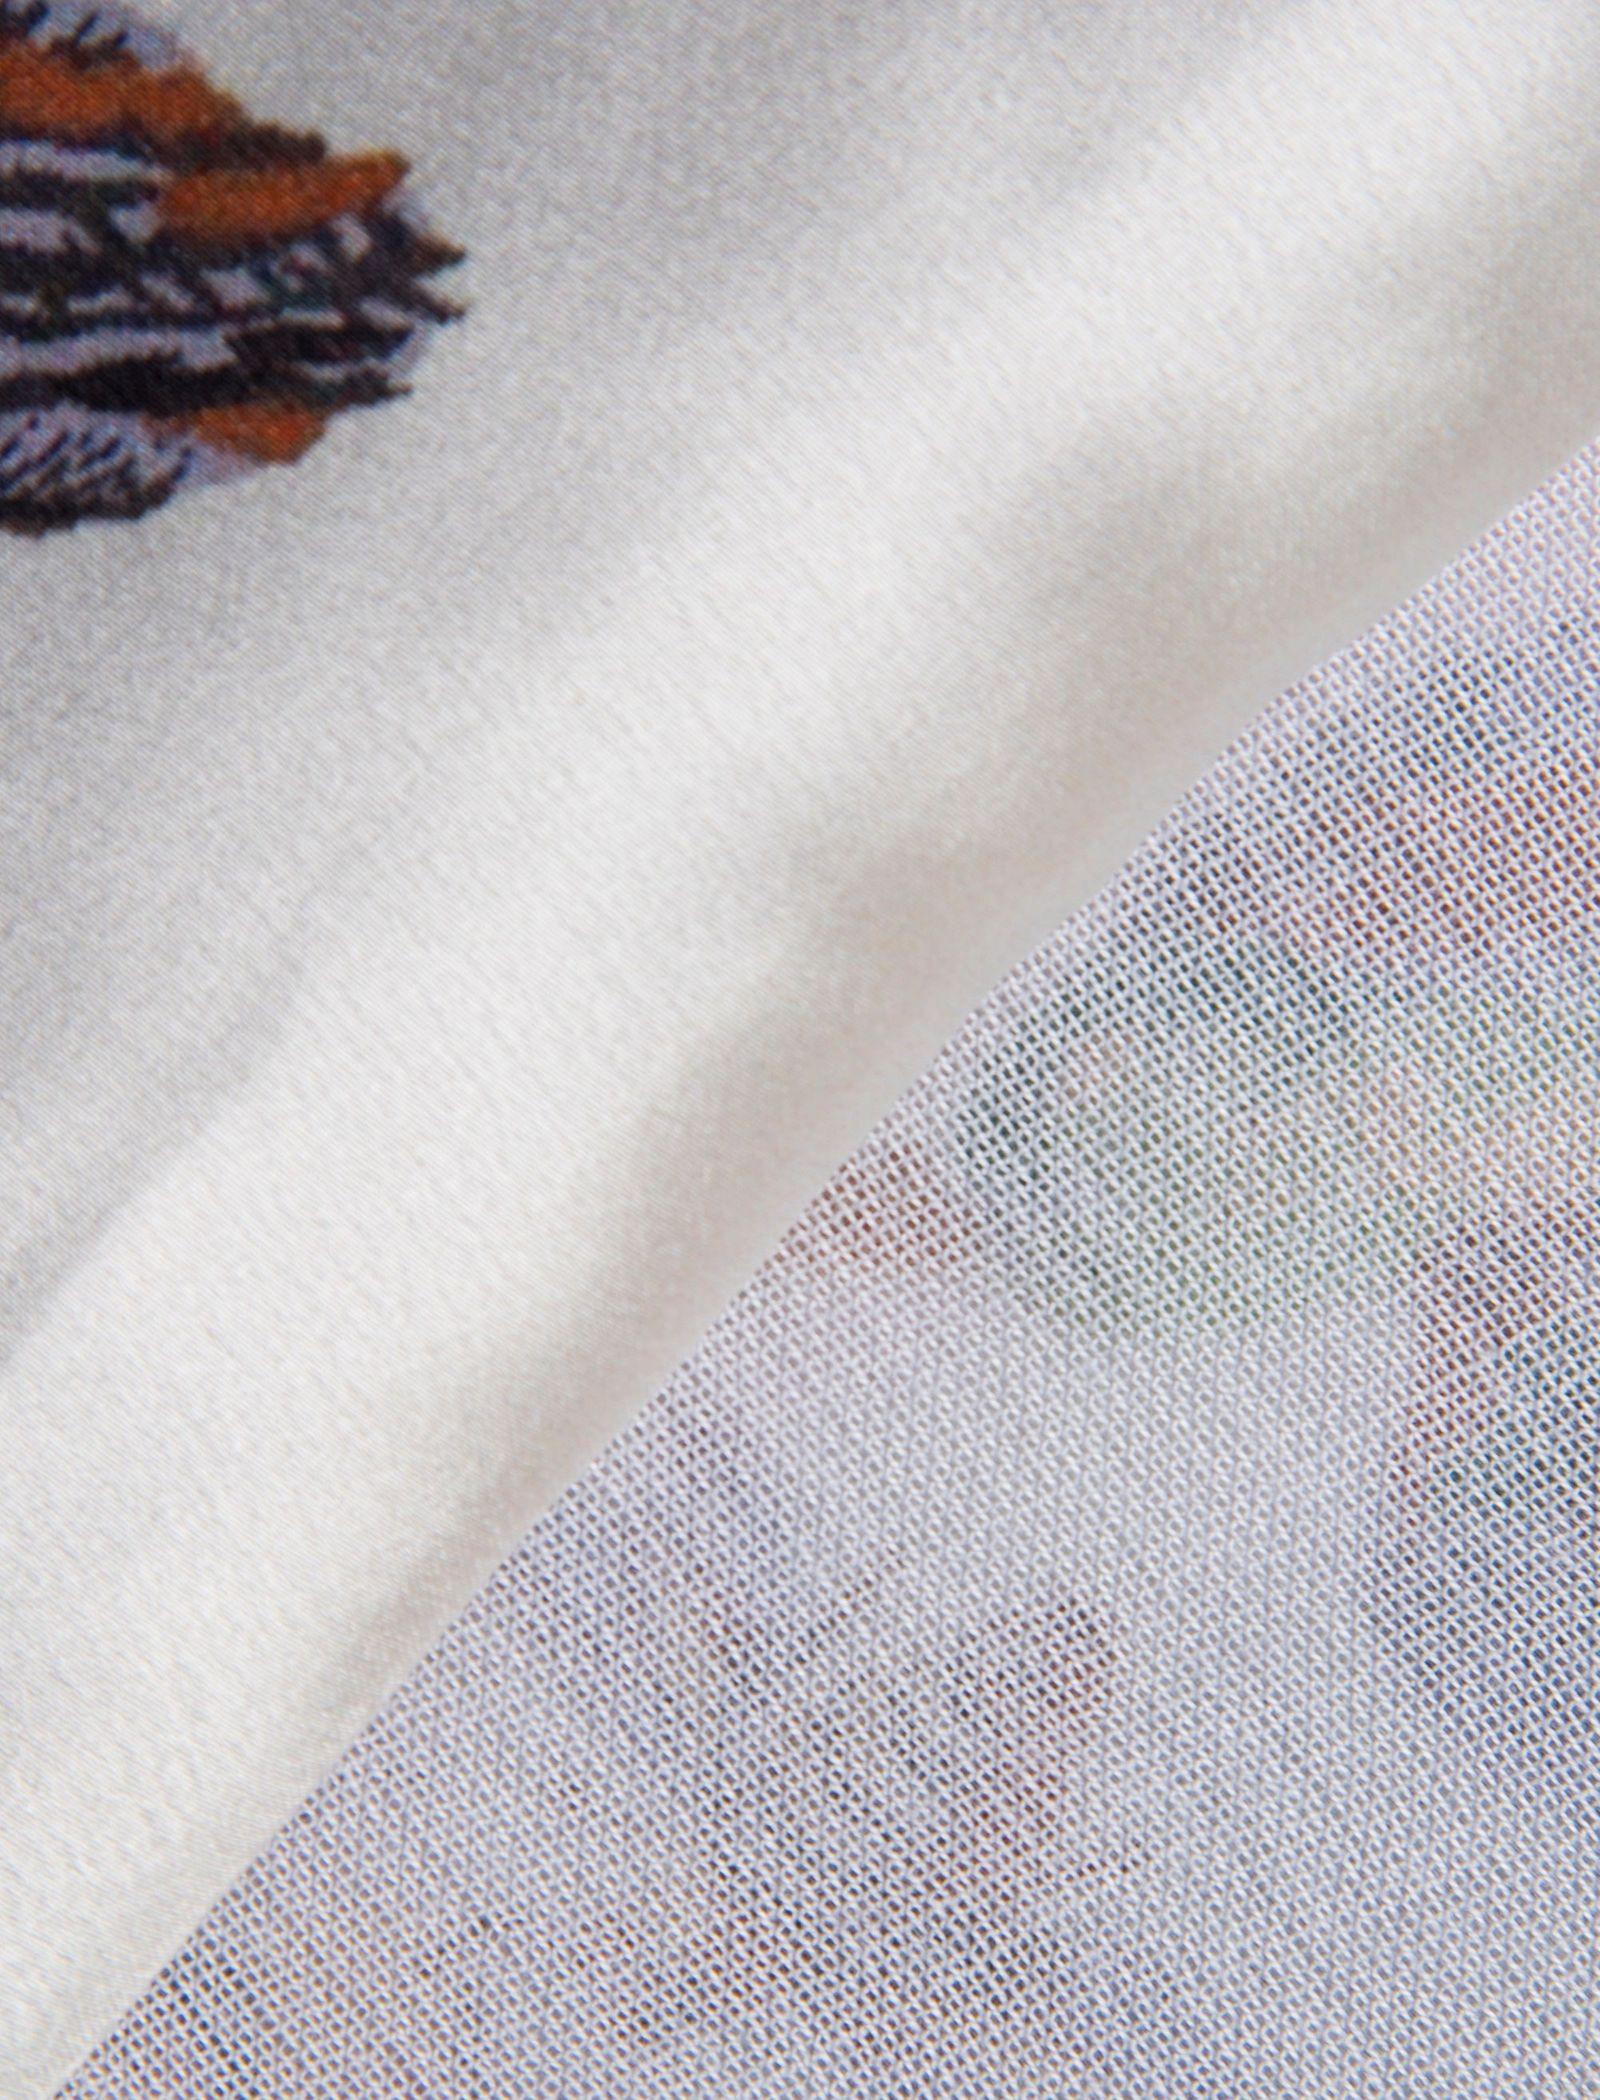 شال ابریشمی زنانه - رزتی - سفيد - 2